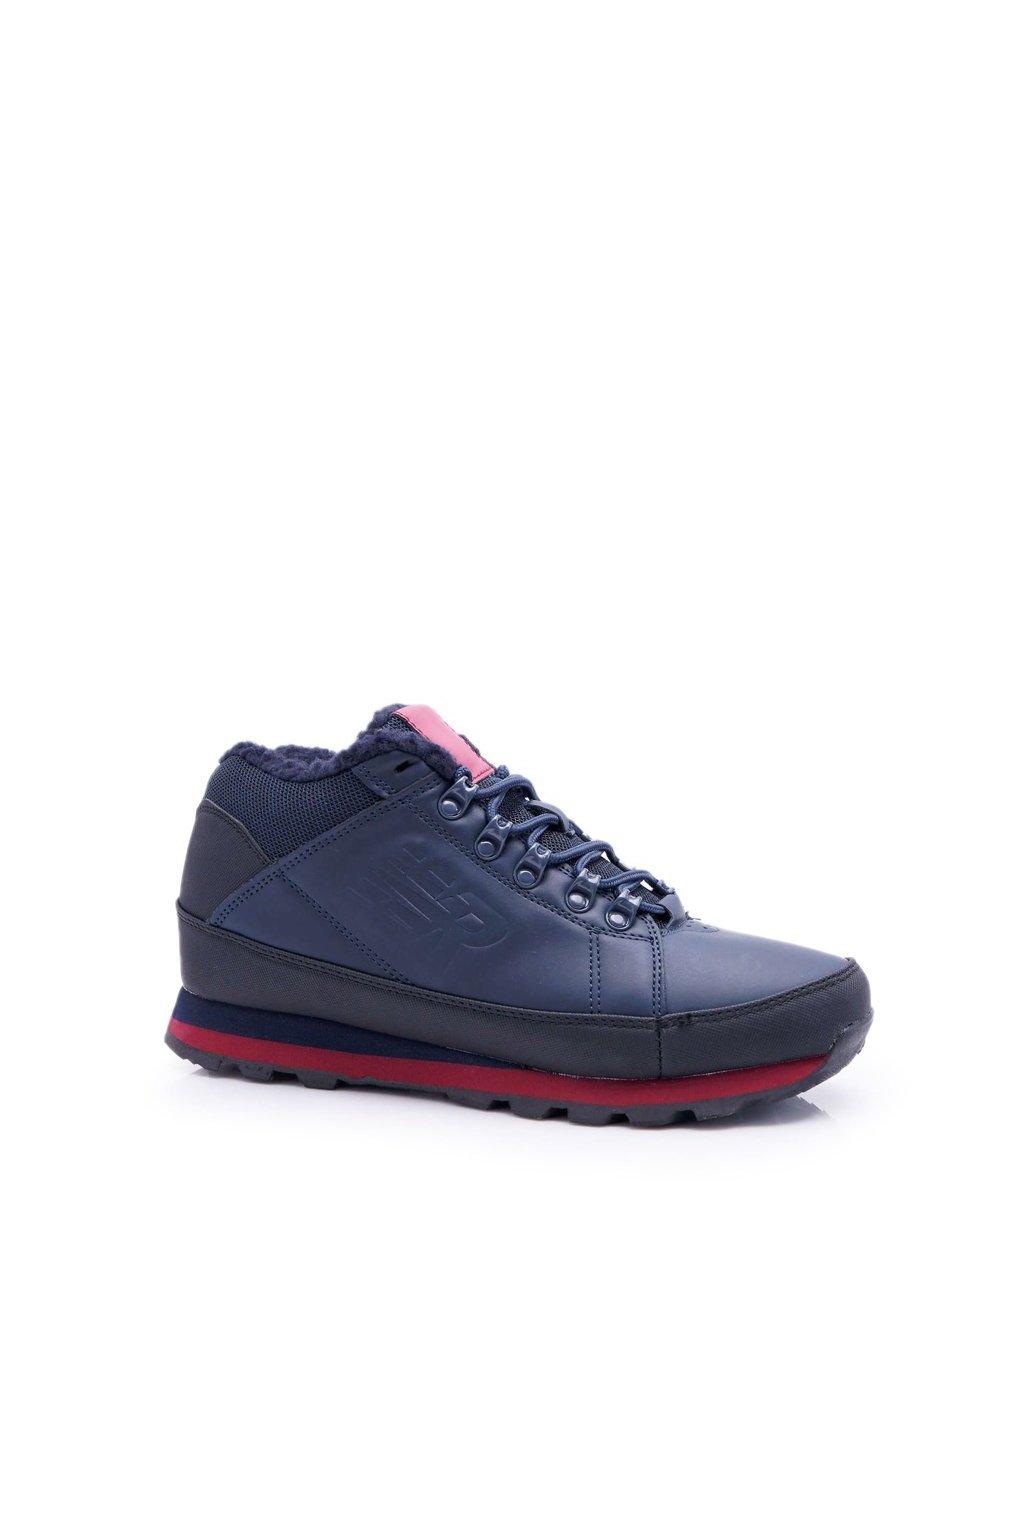 Pánske trekingové topánky farba modrá kód obuvi 9WH917 NAVY/RED